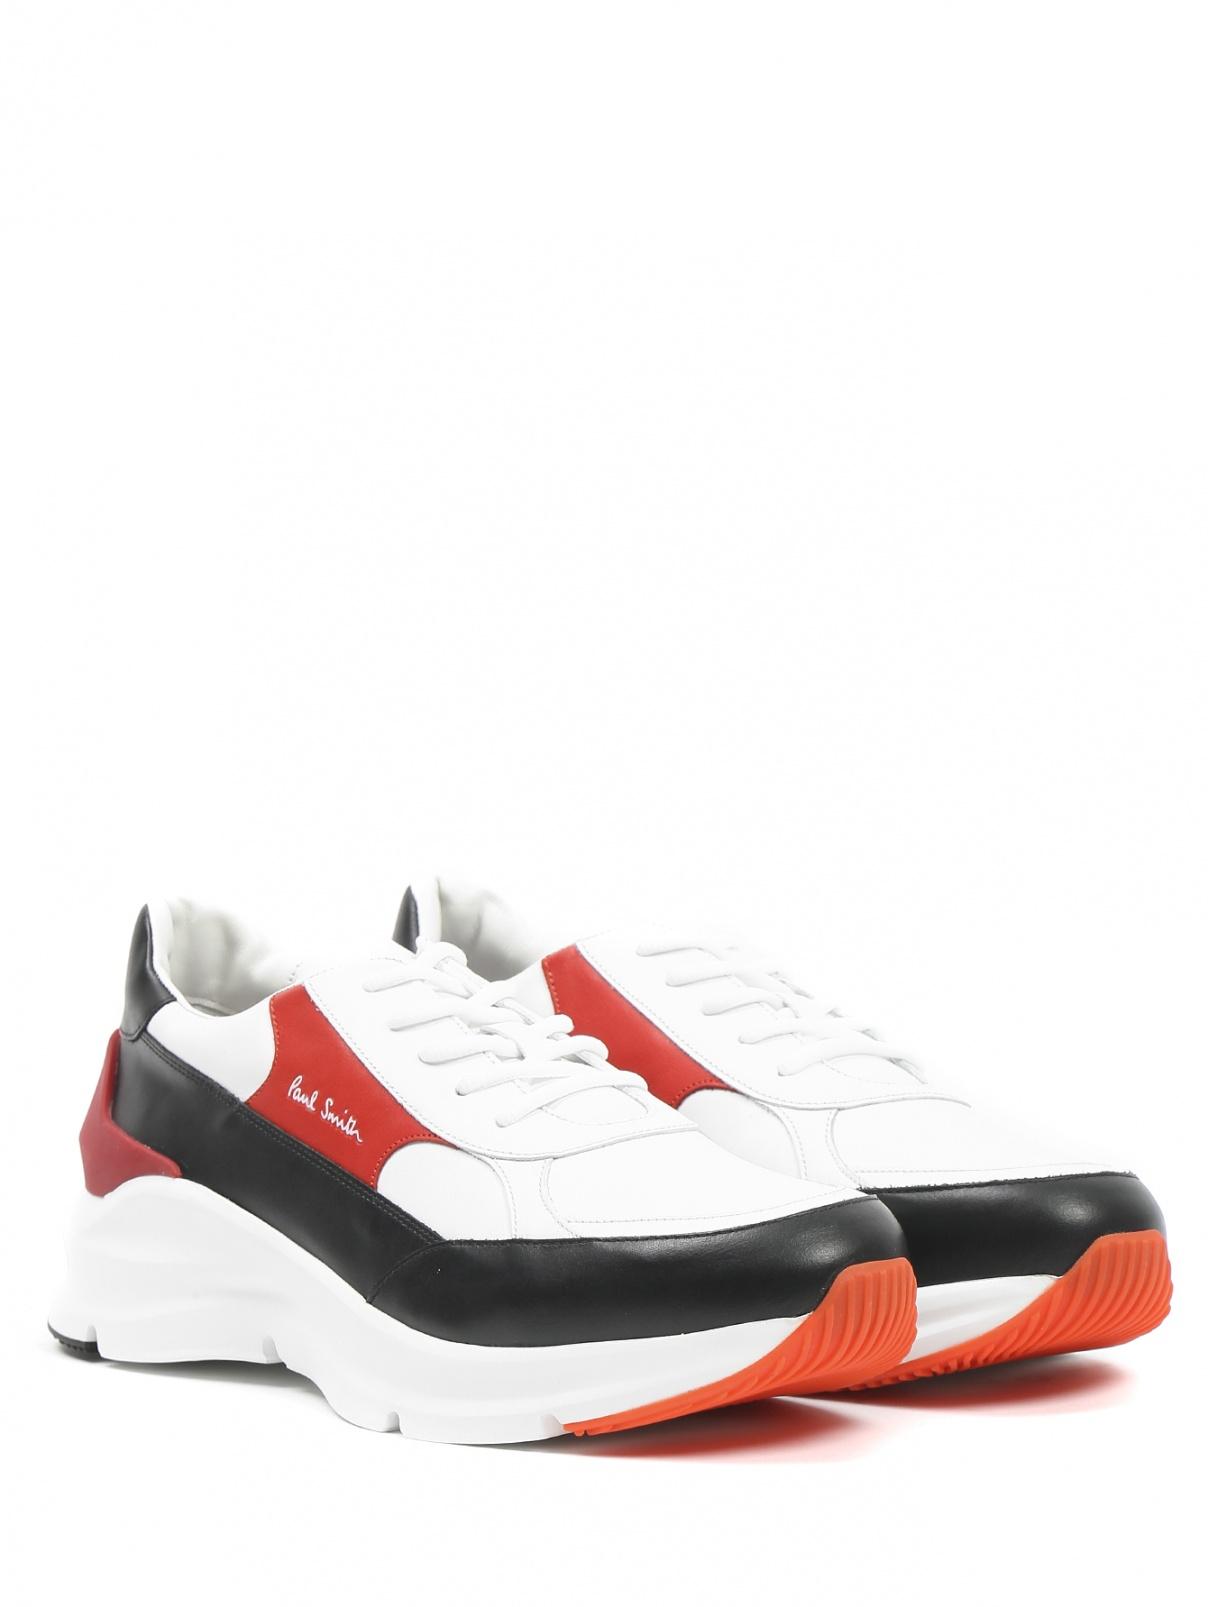 Кроссовки из кожи с контрастными вставками Paul Smith  –  Общий вид  – Цвет:  Белый